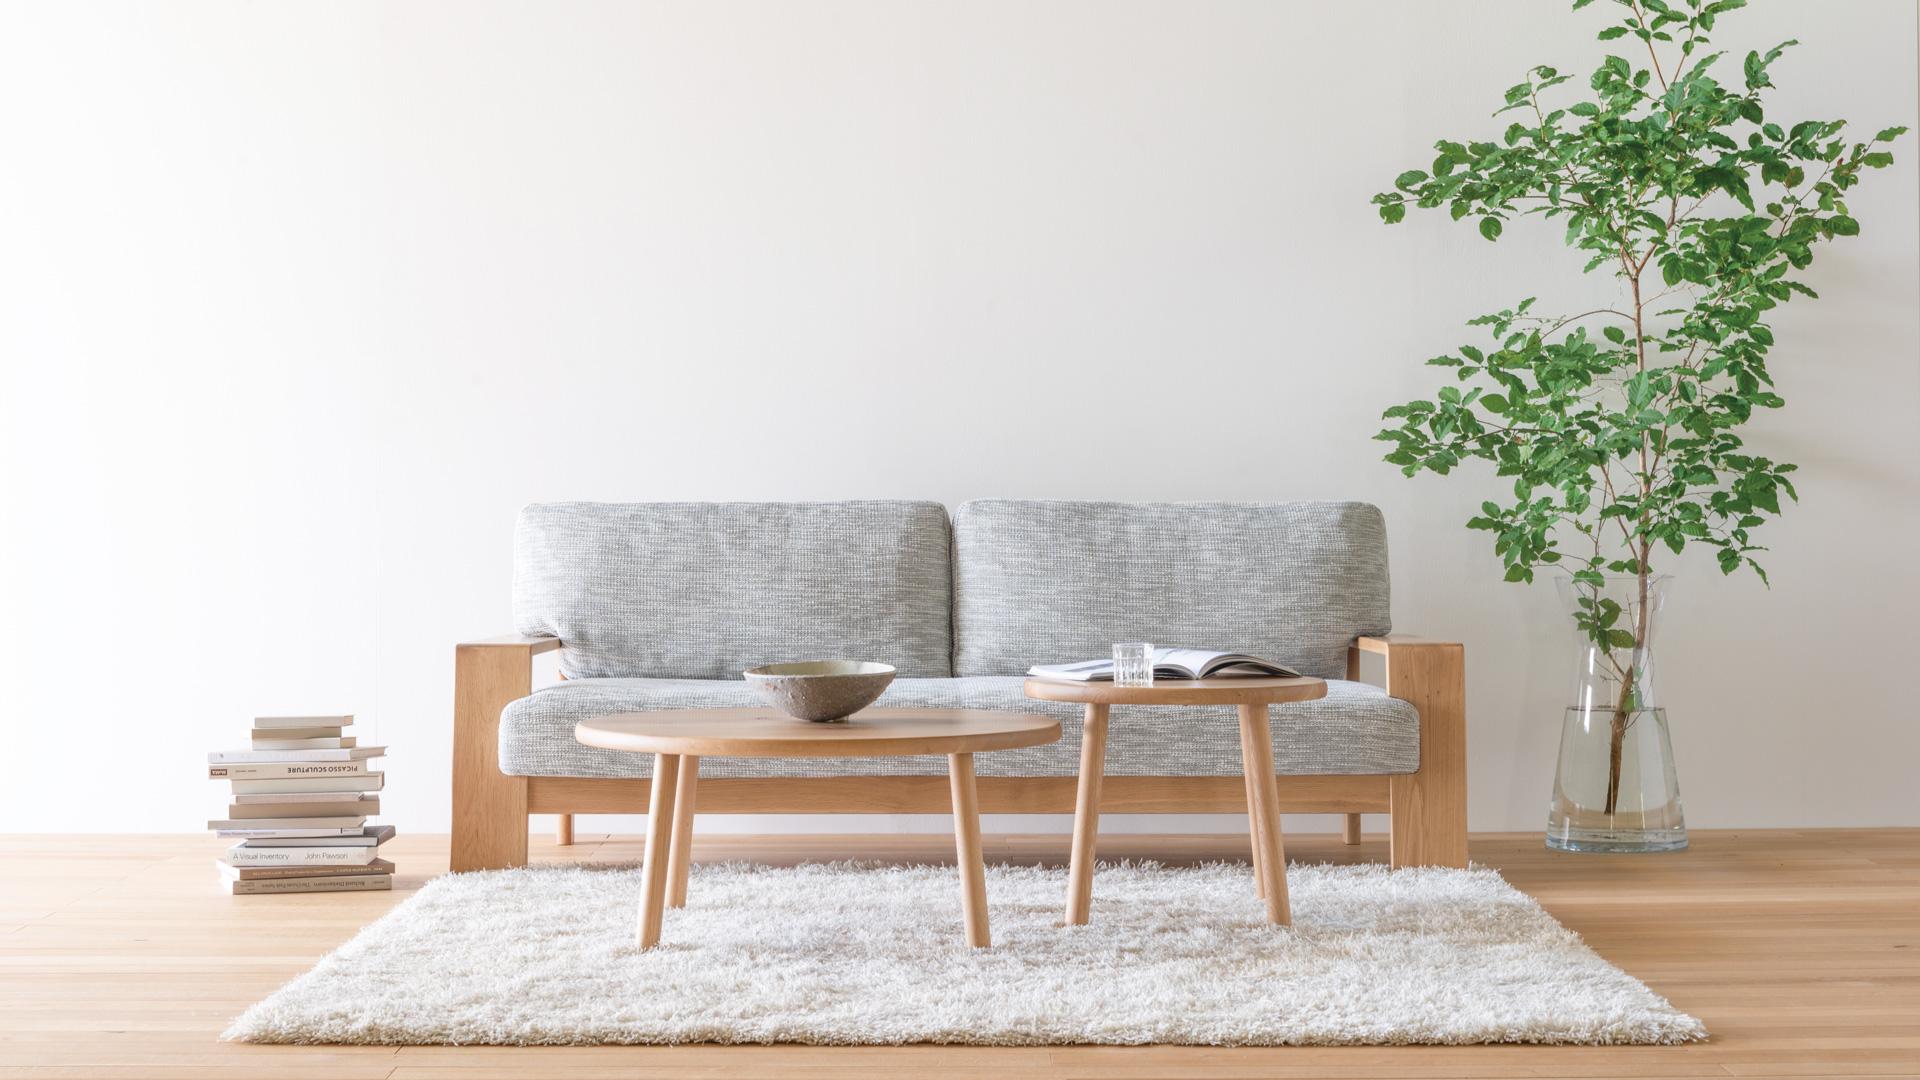 熊本県菊陽町のインテリア家具専門店「hanayura」リビング